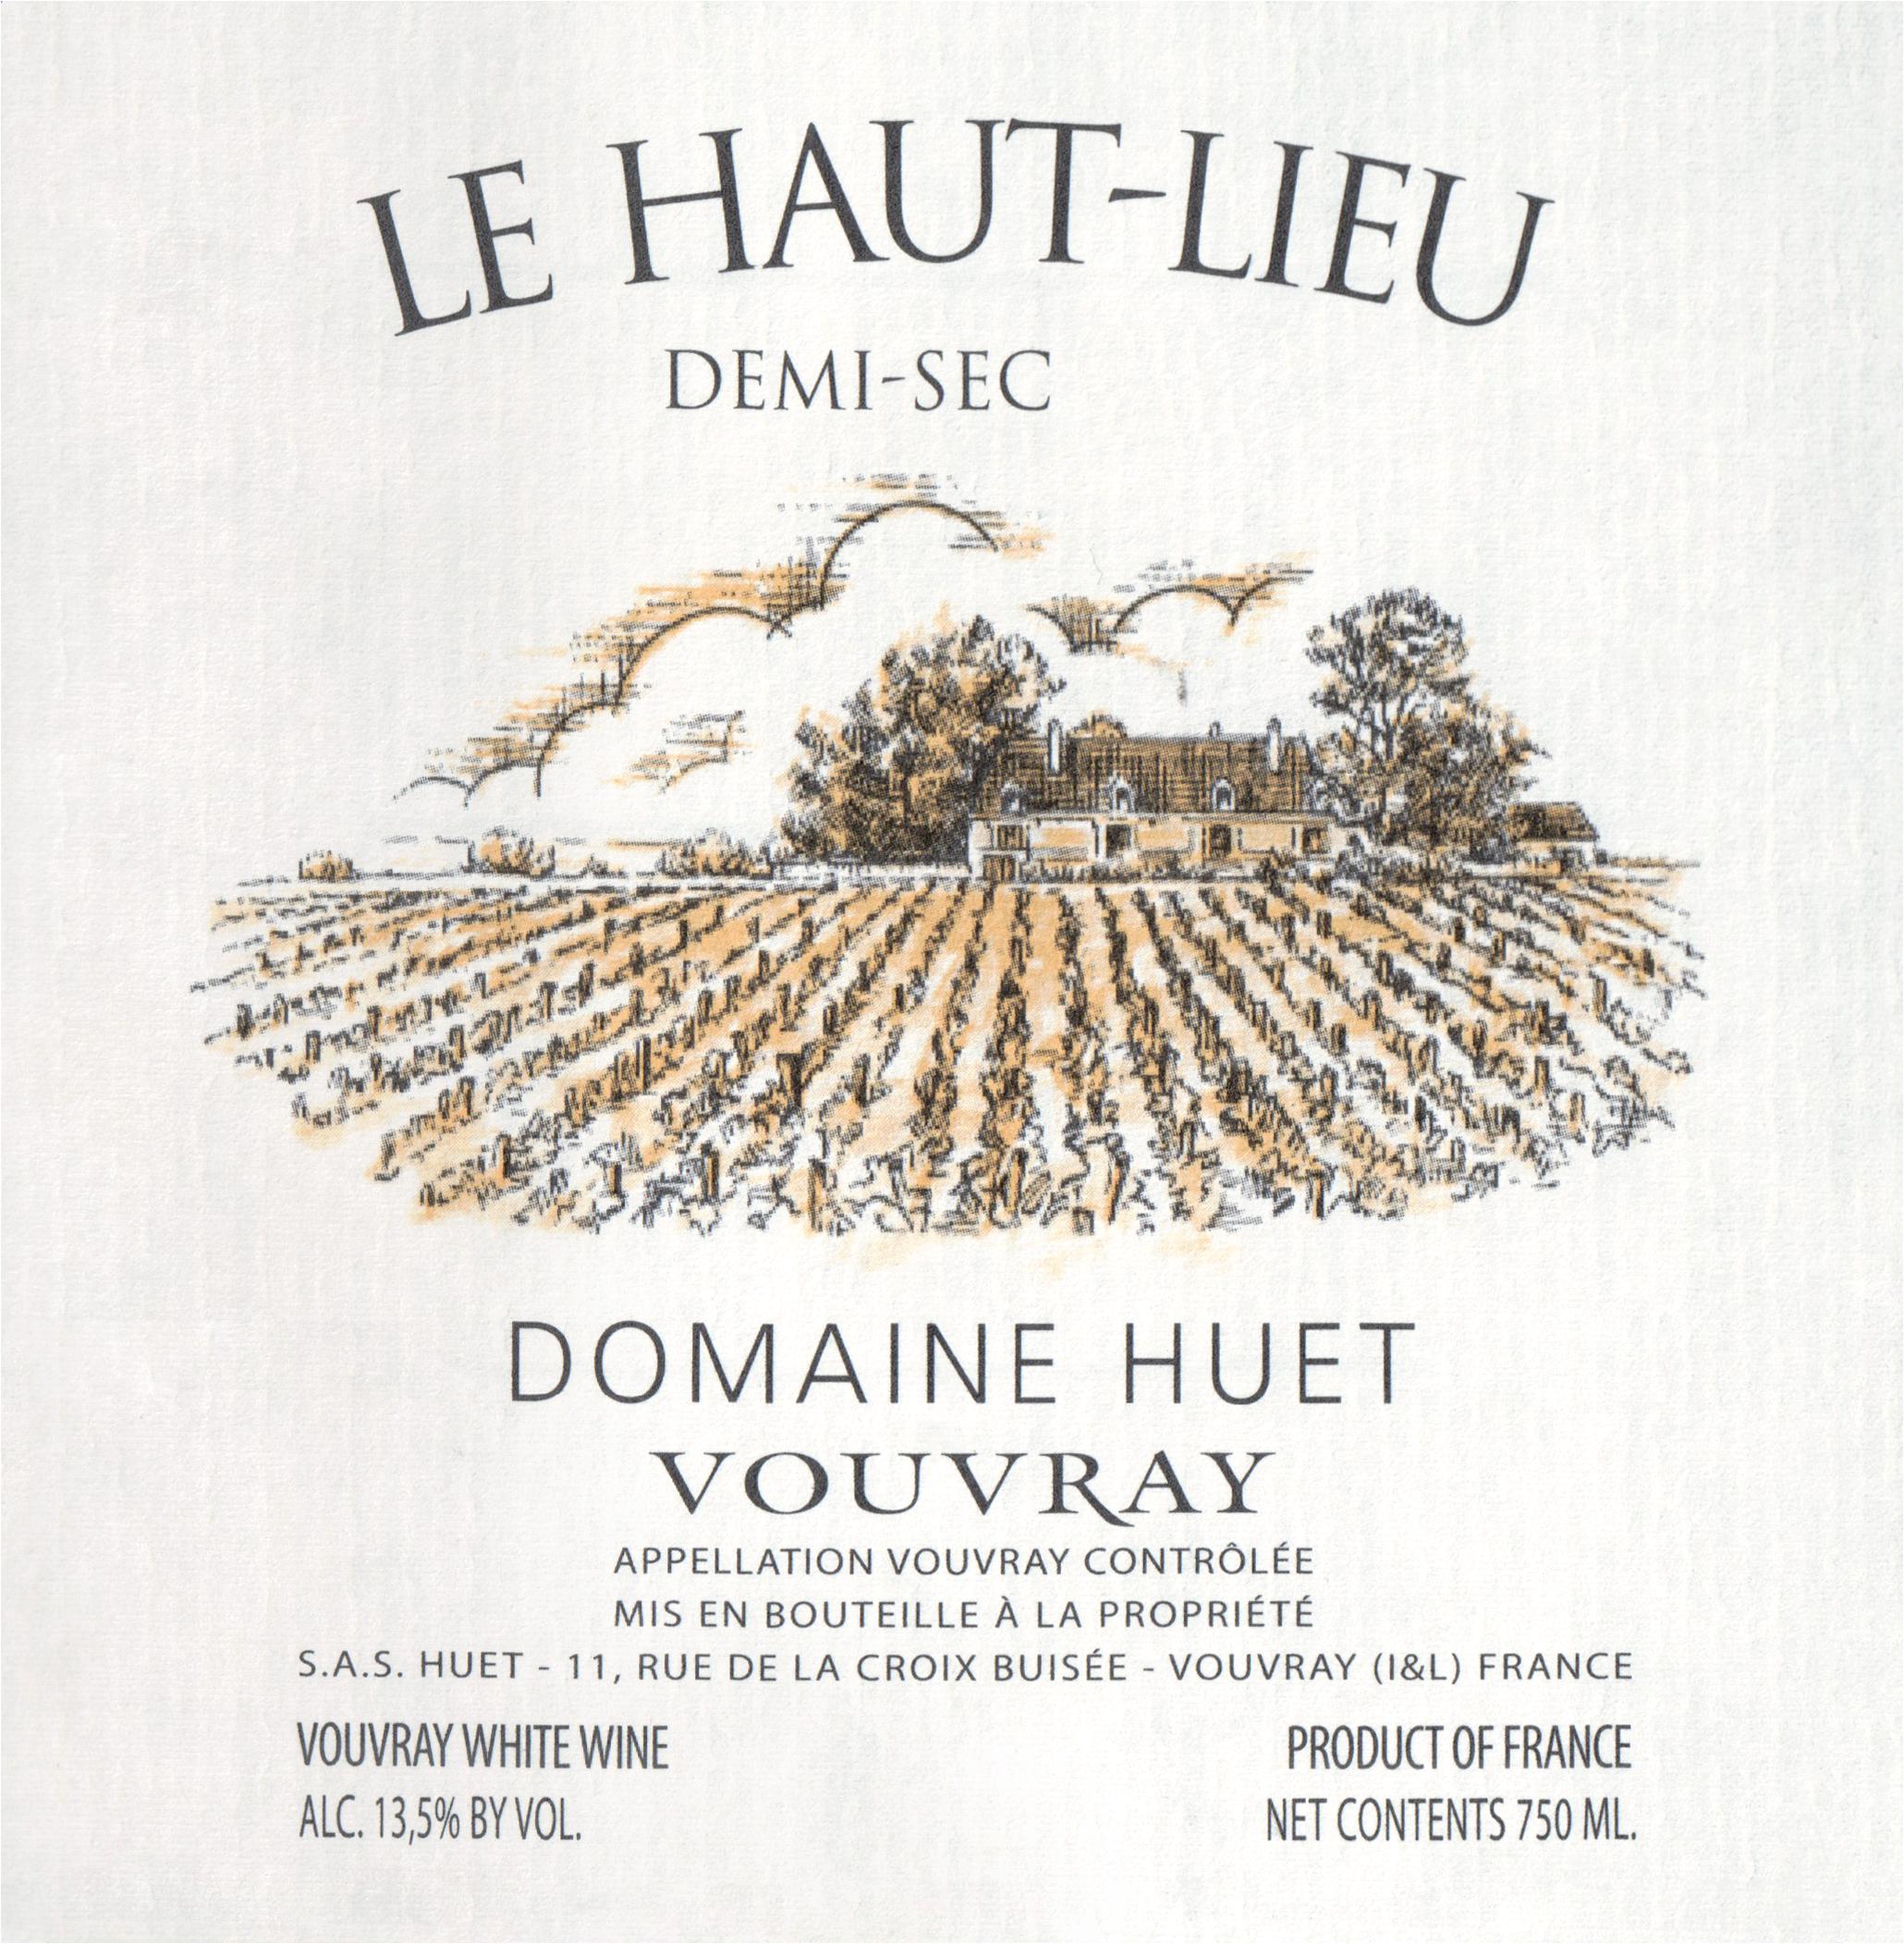 Huet Vouvray Demi Sec Haut Lieu 2018